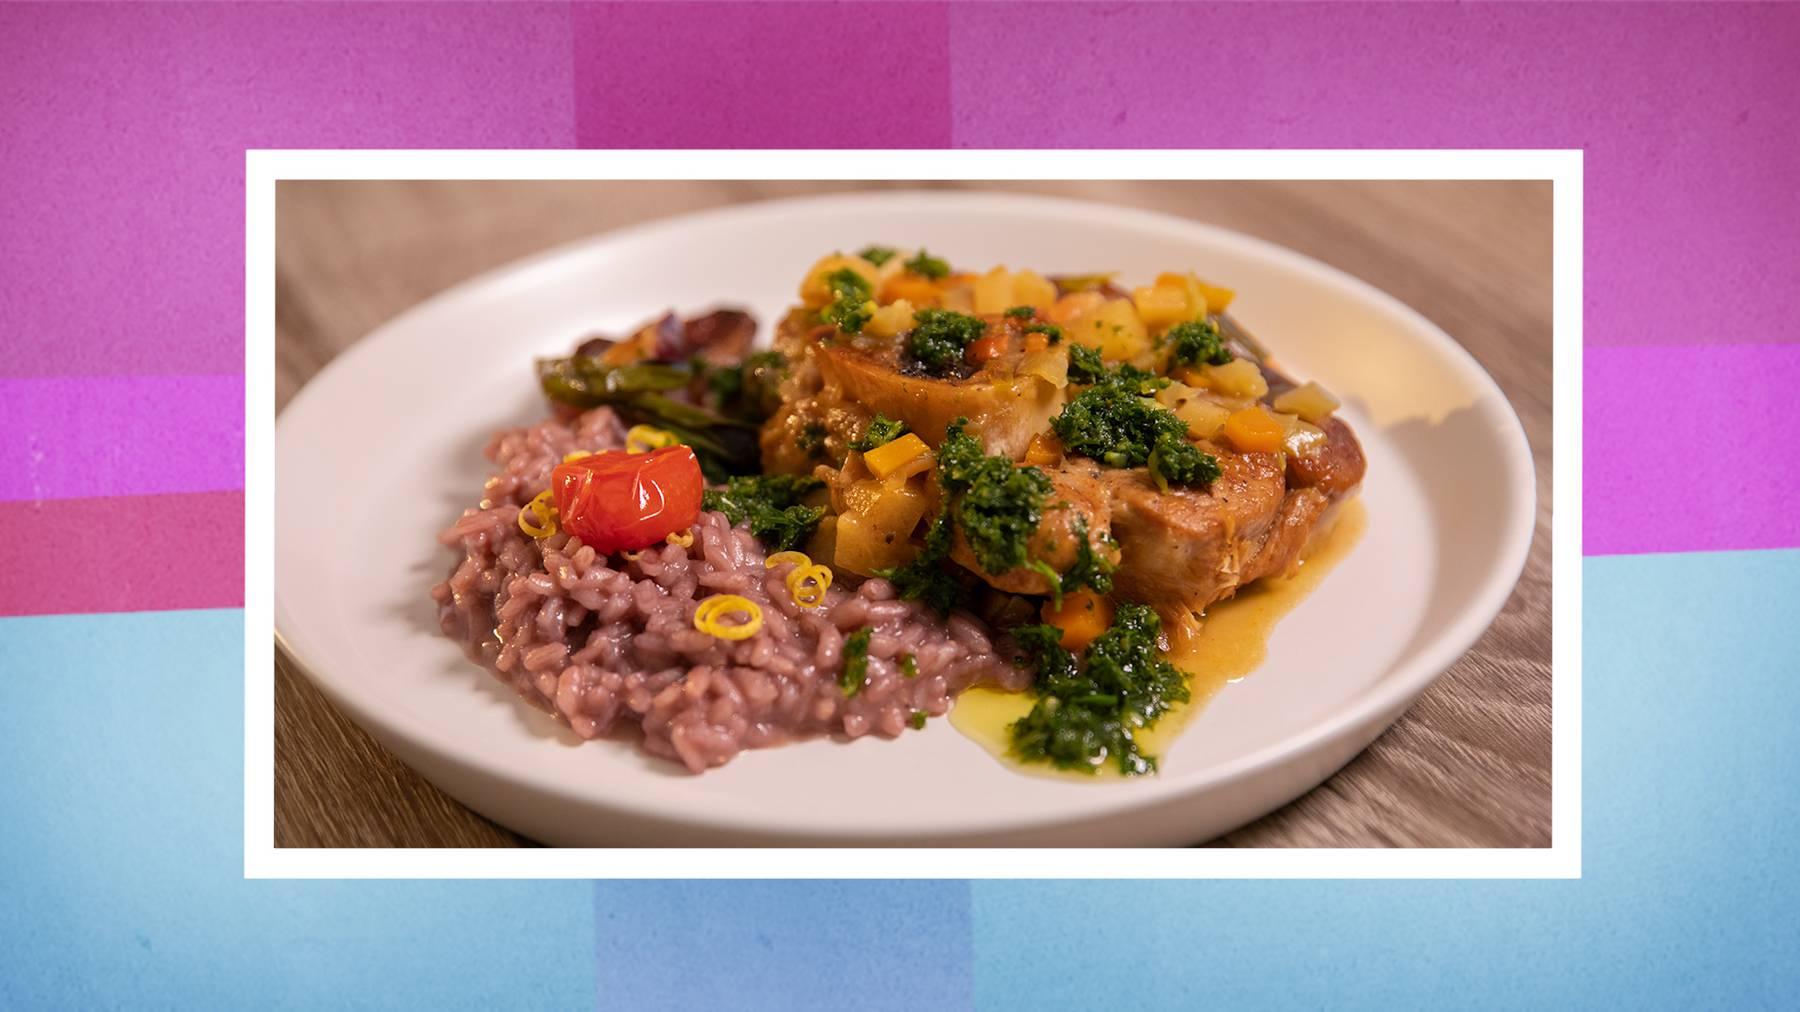 Kalbshaxe an Gremolata-Sauce, Barbera-Risotto mit Zitronenzesten und glasierten Bundzwiebeln